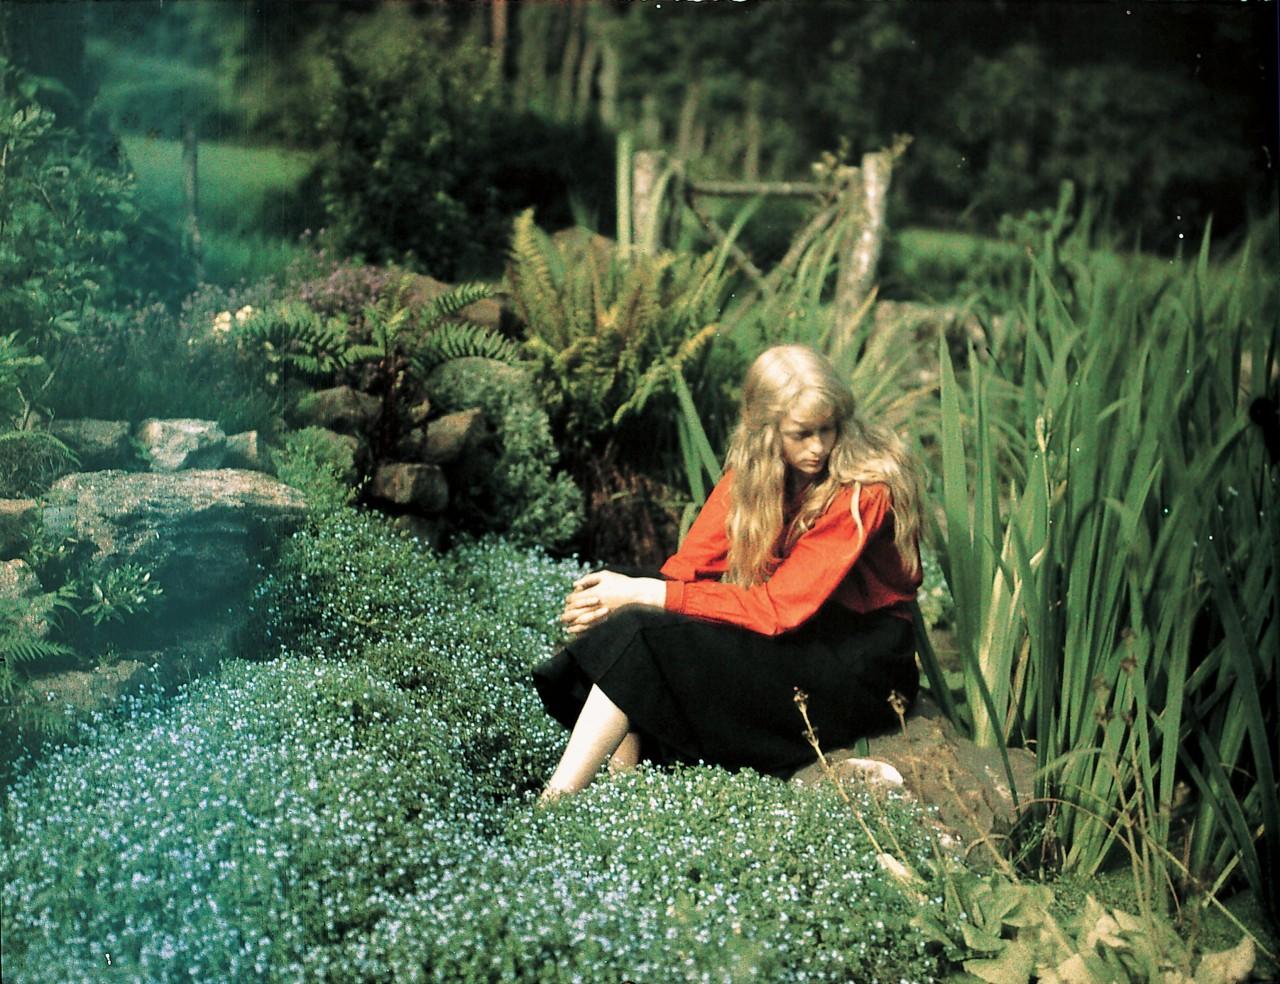 Портрет Кристины в саду, Англия, ок. 1912. Автохром, фотограф Мервин О'Горман